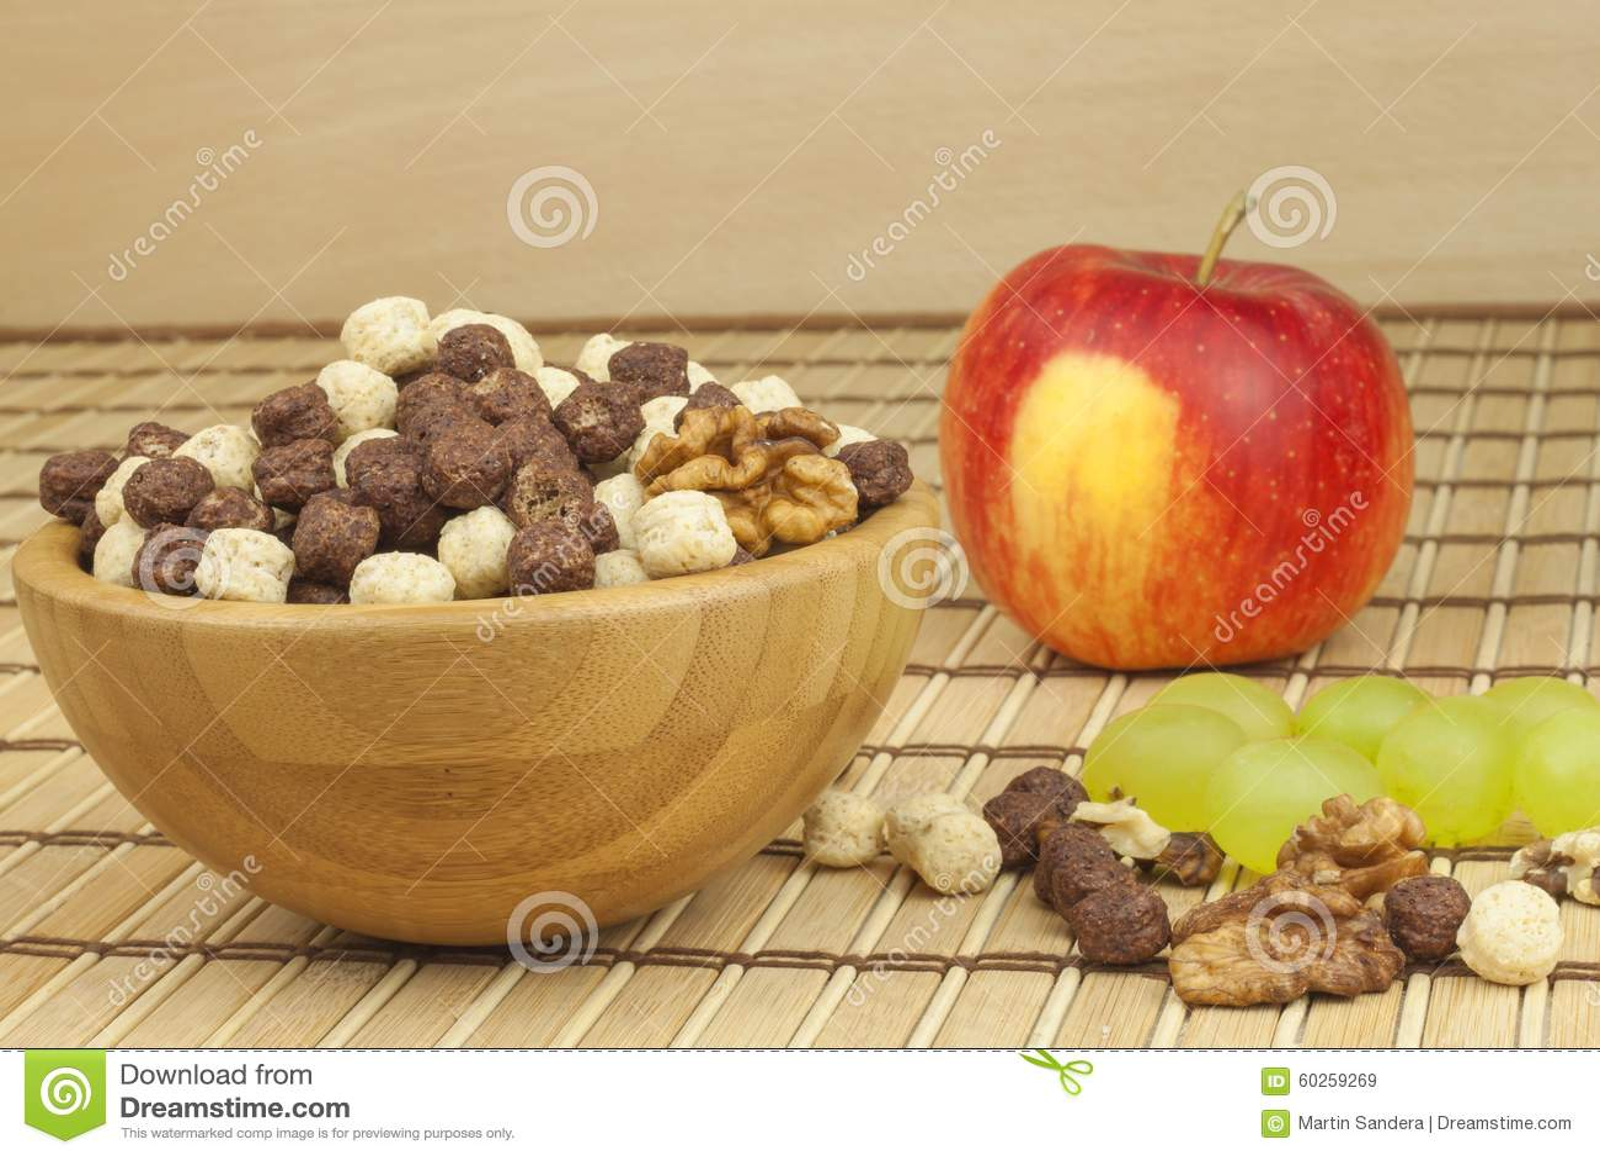 巧克力在一个碗的谷物球竹子 健康早餐用果子和牛奶 充分饮食能量和纤维运动员的